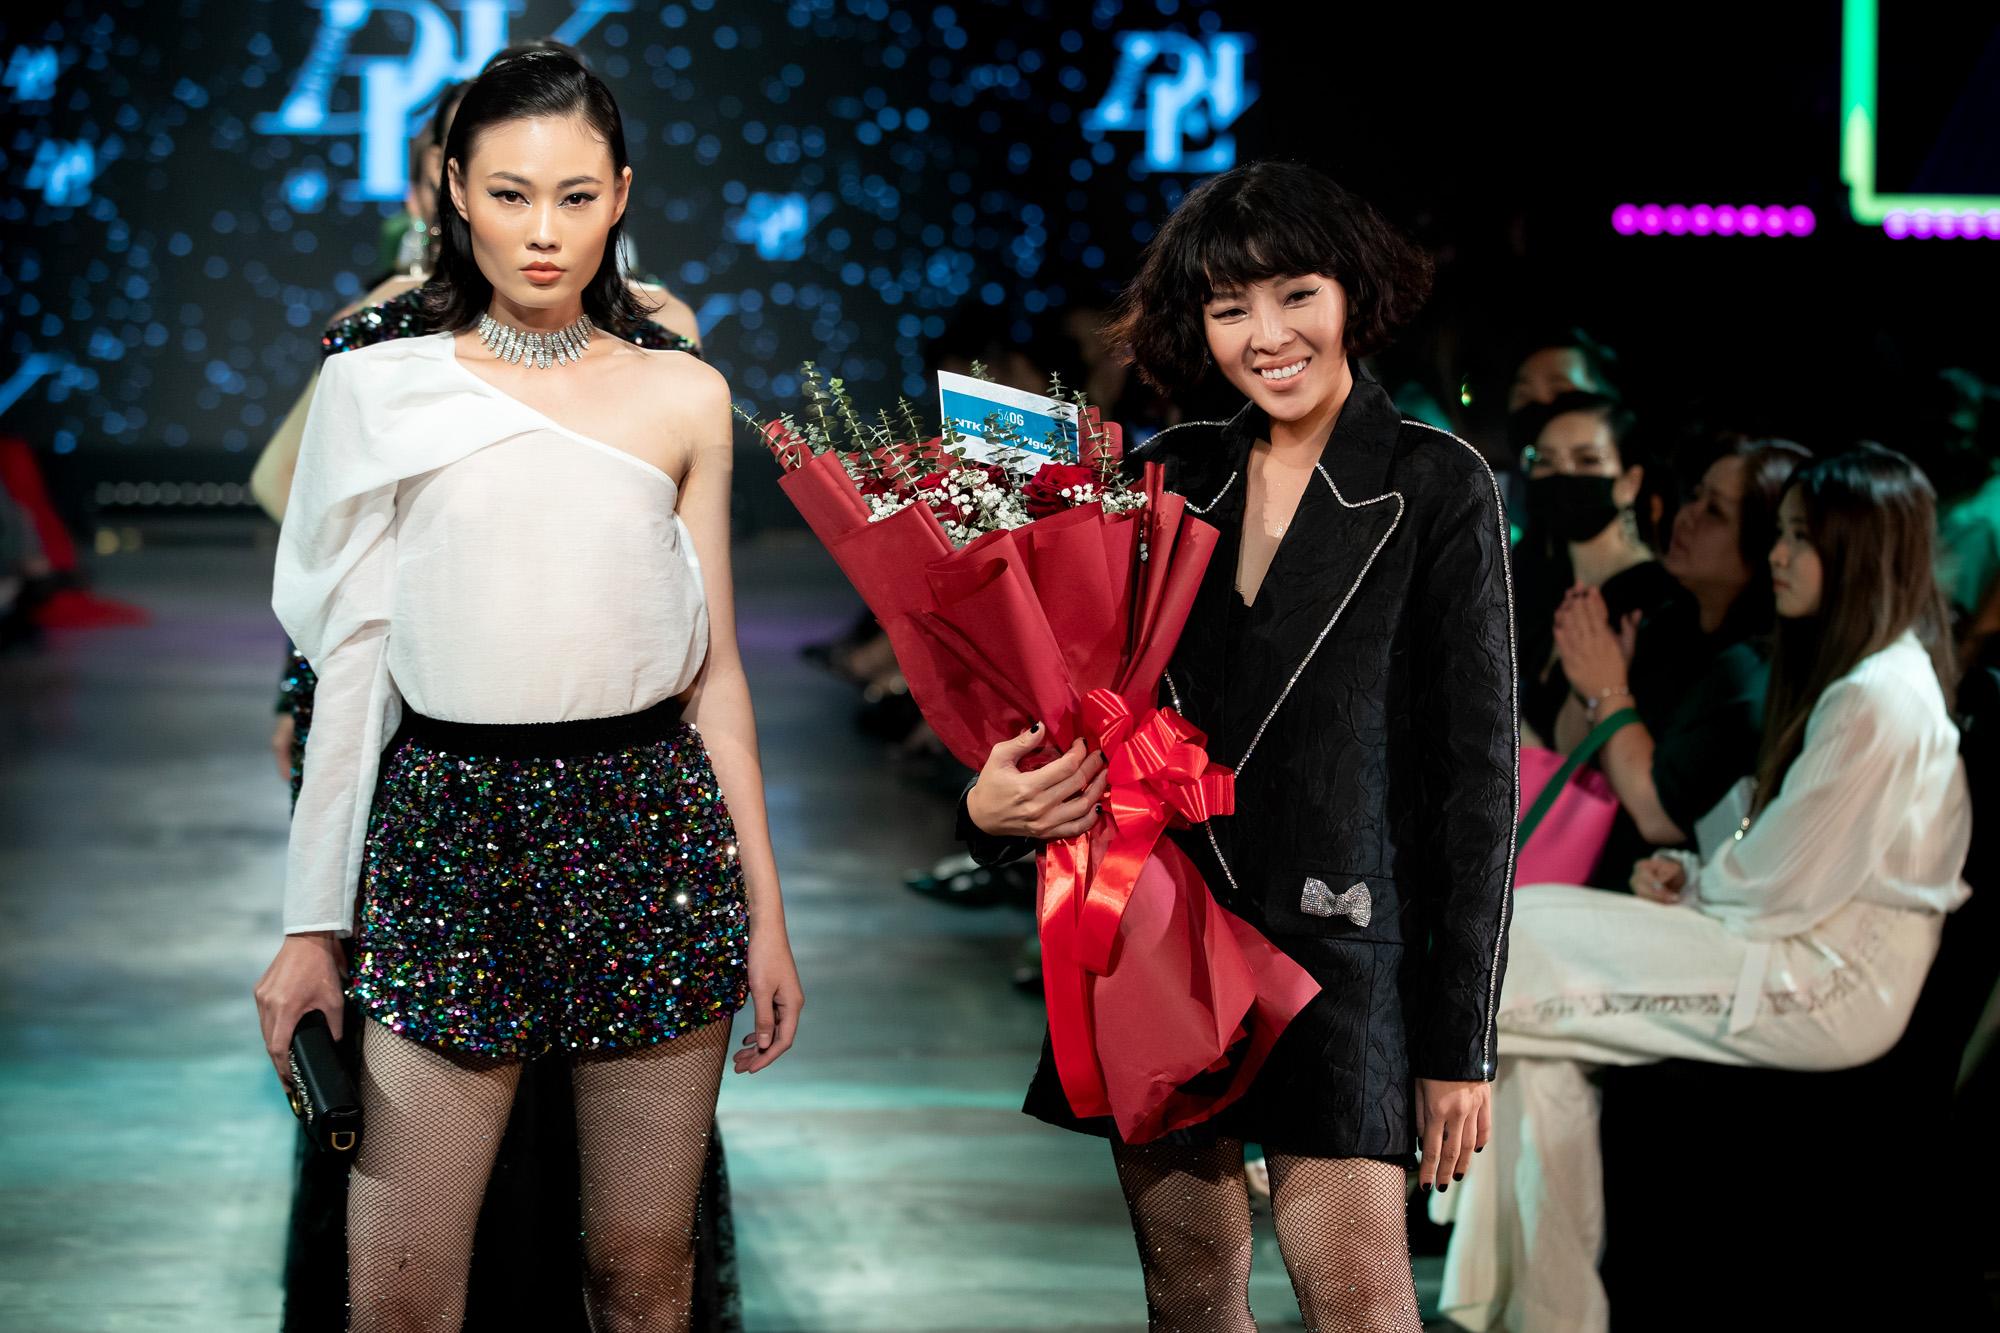 """Nàng """"Á hậu rapper"""" khoe ngực khủng sexy tột cùng cùng Á hậu Lệ Hằng """"nửa kín nửa hở"""" thiêu đốt sàn runway Fashion Festival ngày 3 - Ảnh 6."""